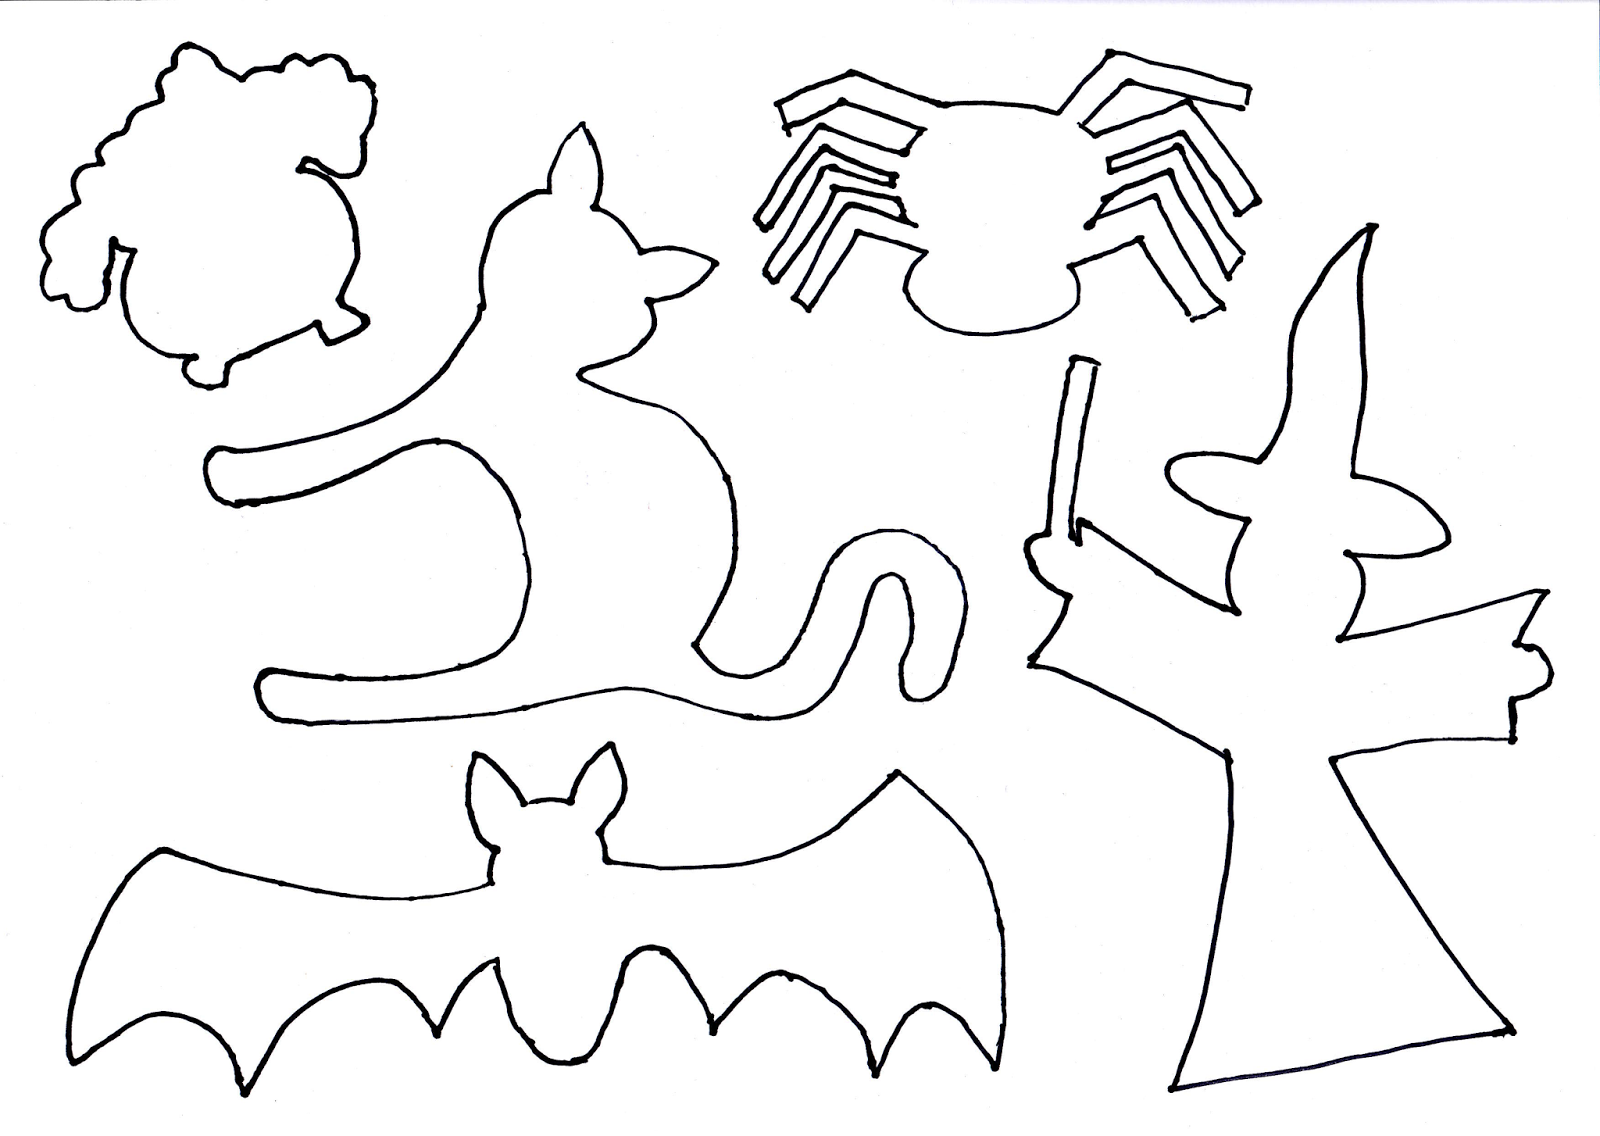 Трафареты картинок для вырезания из бумаги